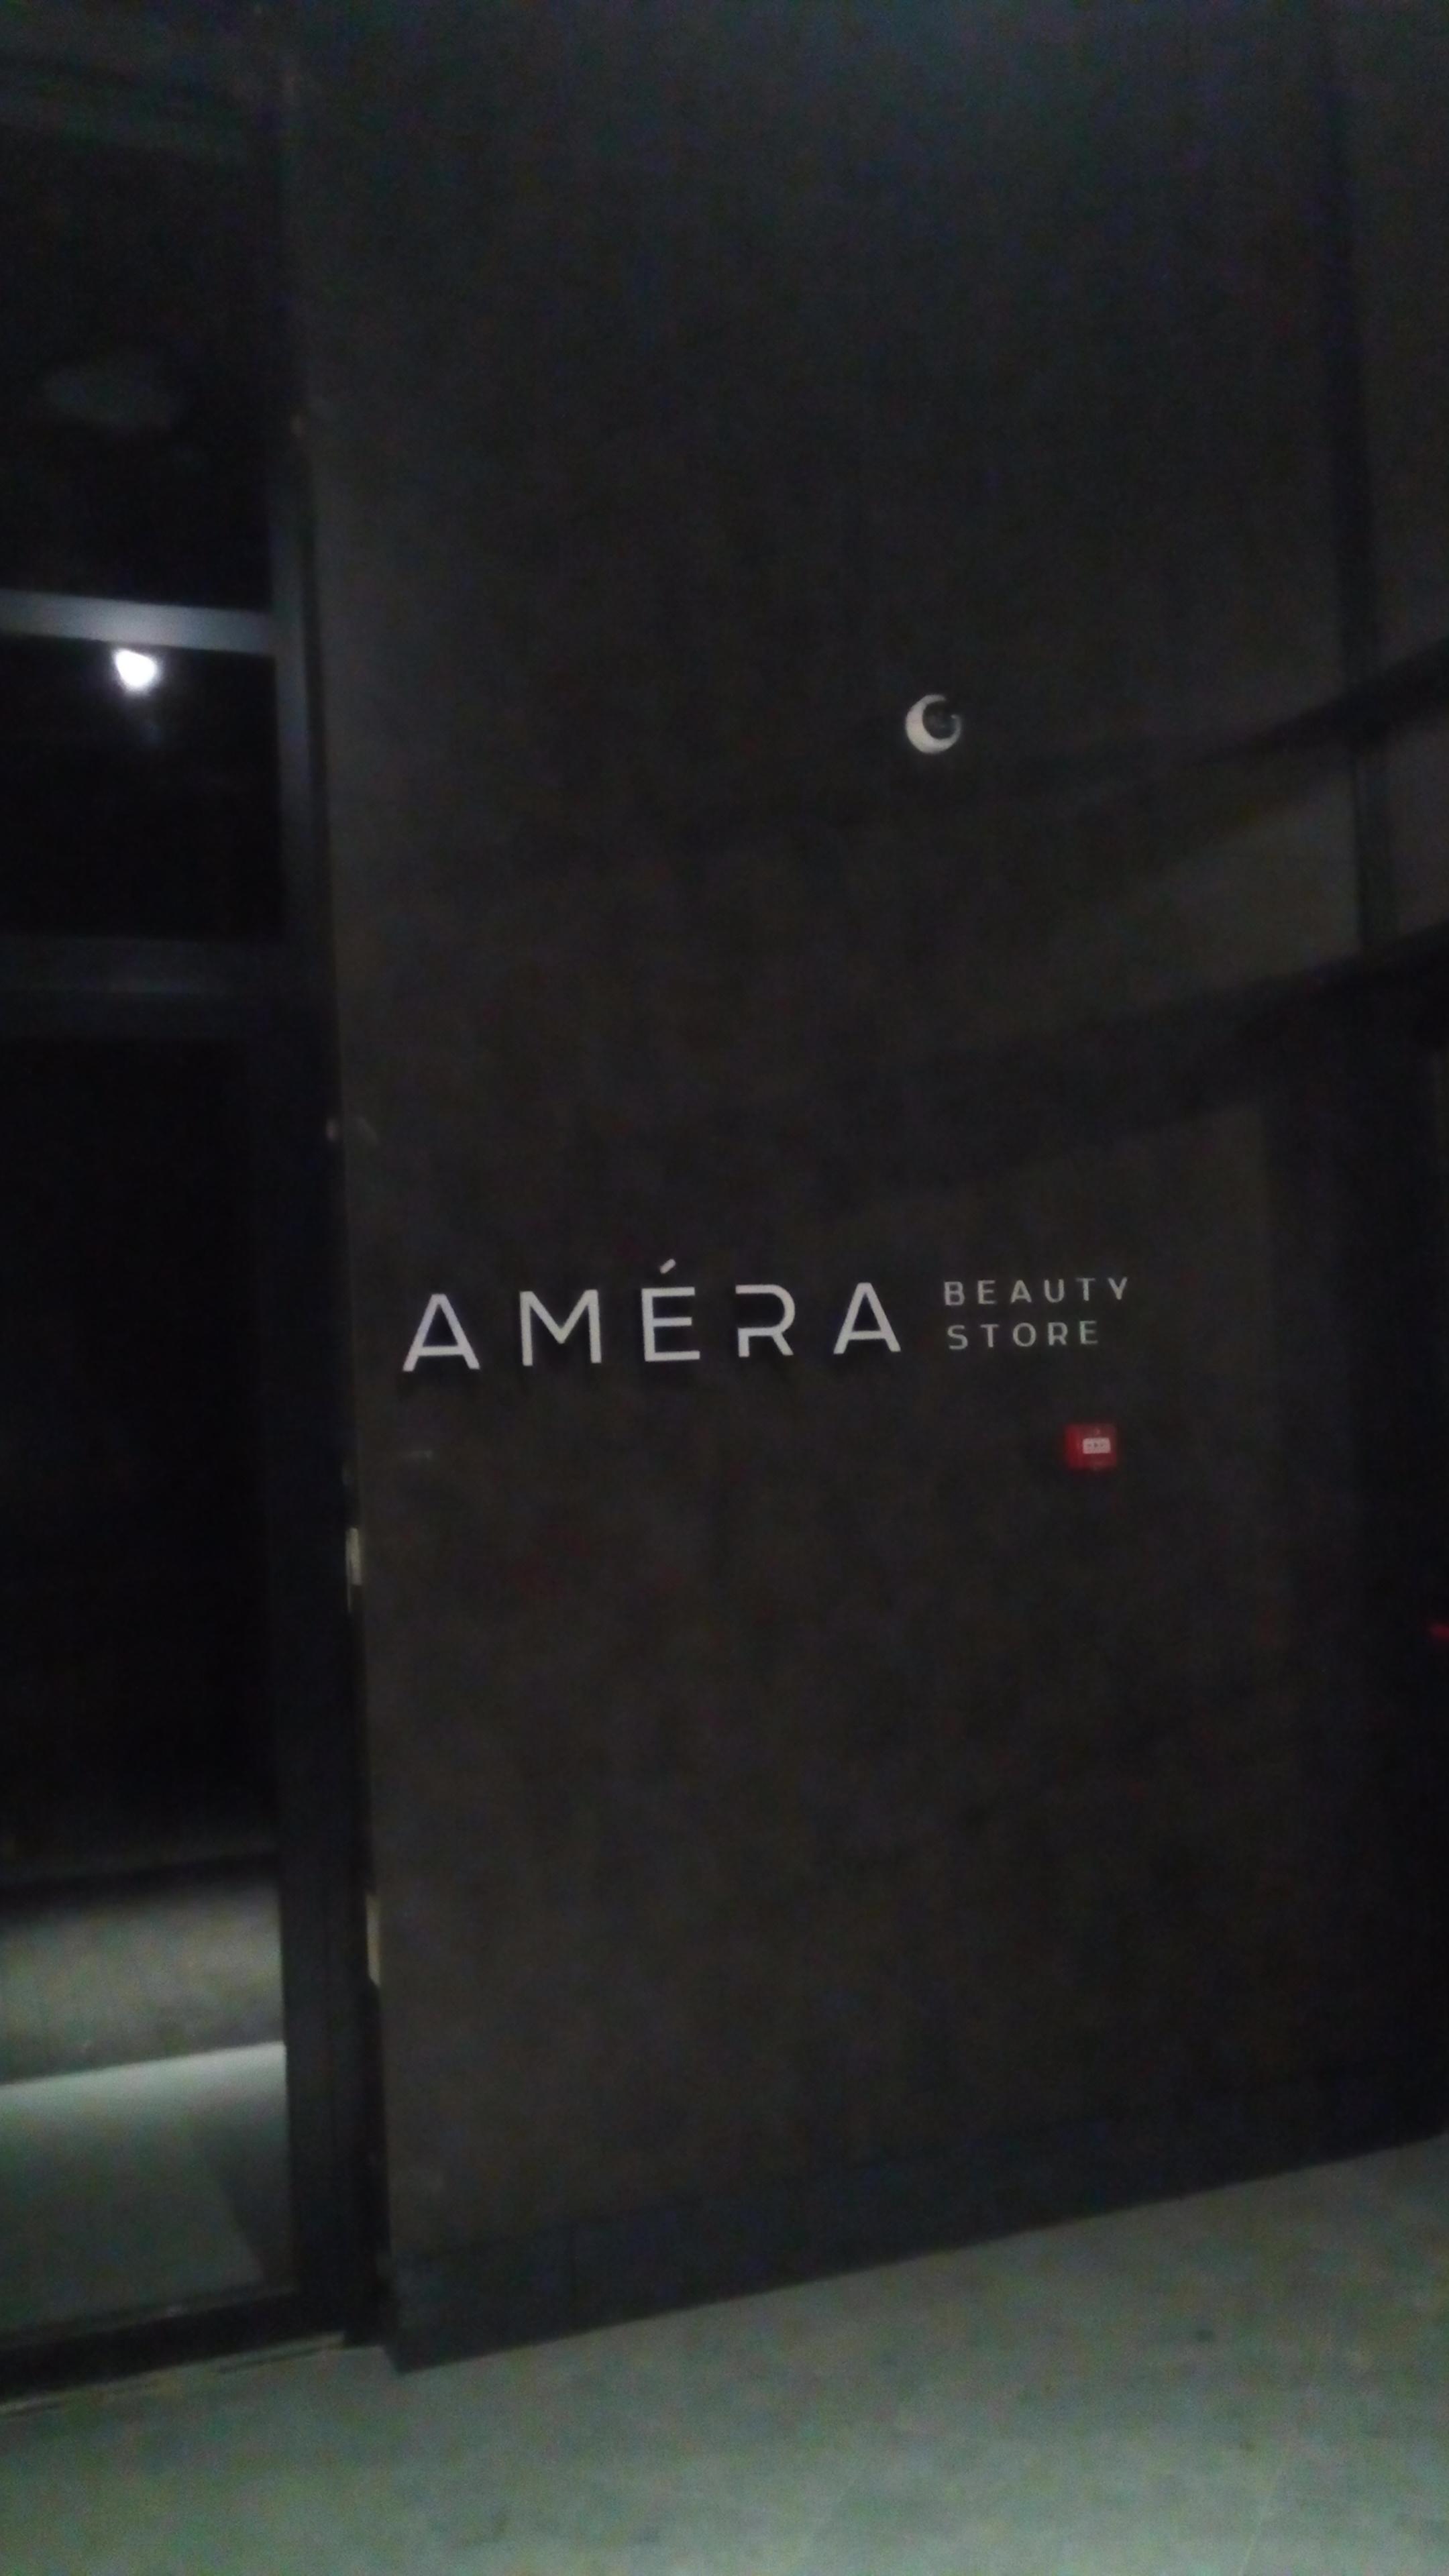 Фото Отделка стен панелями- hpl+ буквы с подсветкой название магазина